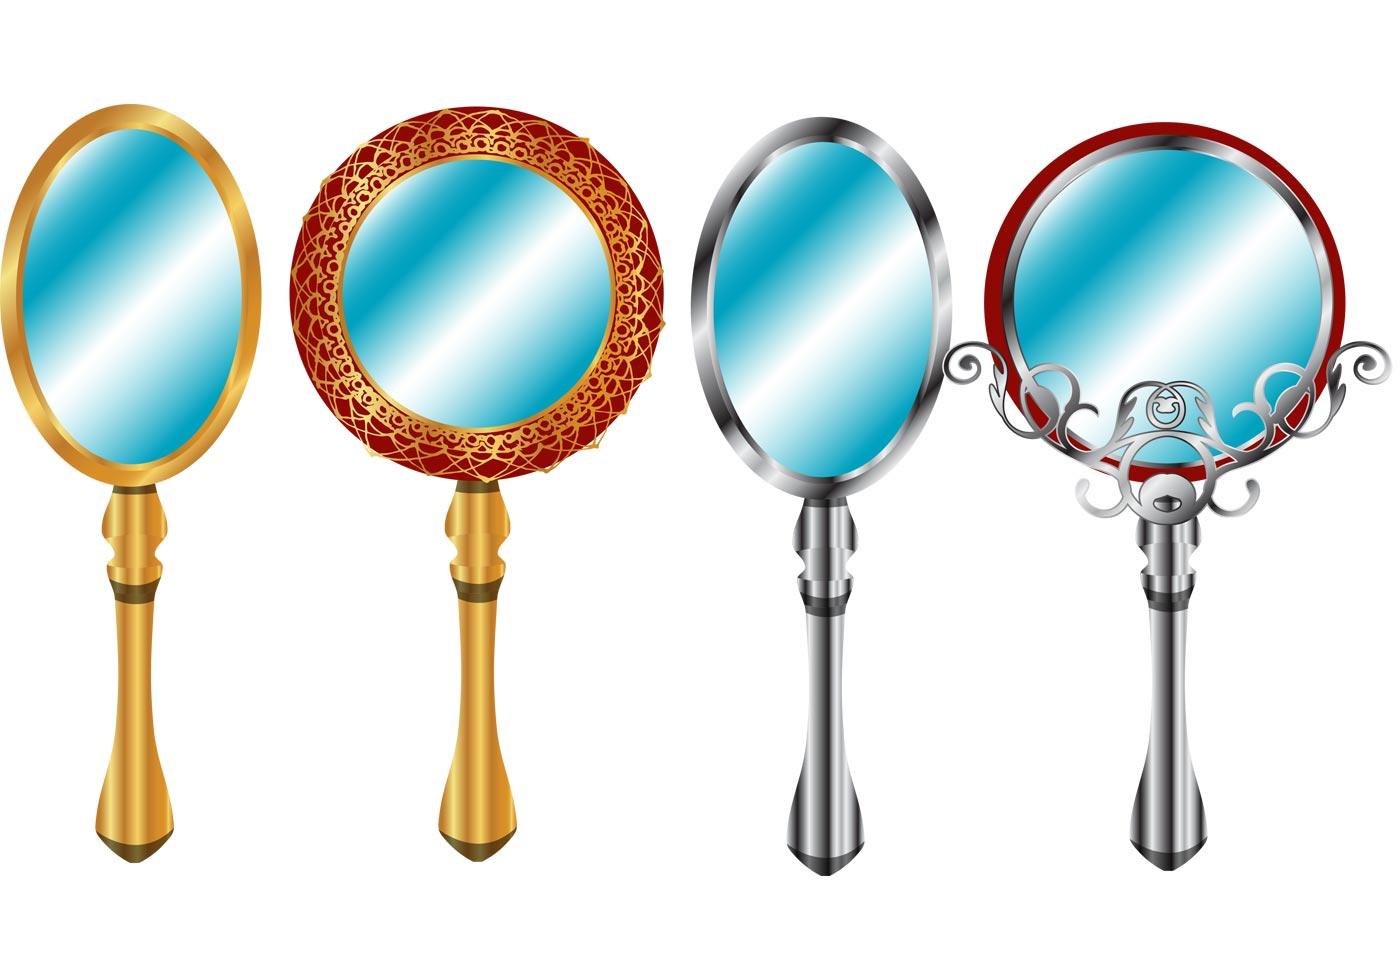 Vintage Hand Mirror Vectors - Download Free Vector Art ... (1400 x 980 Pixel)